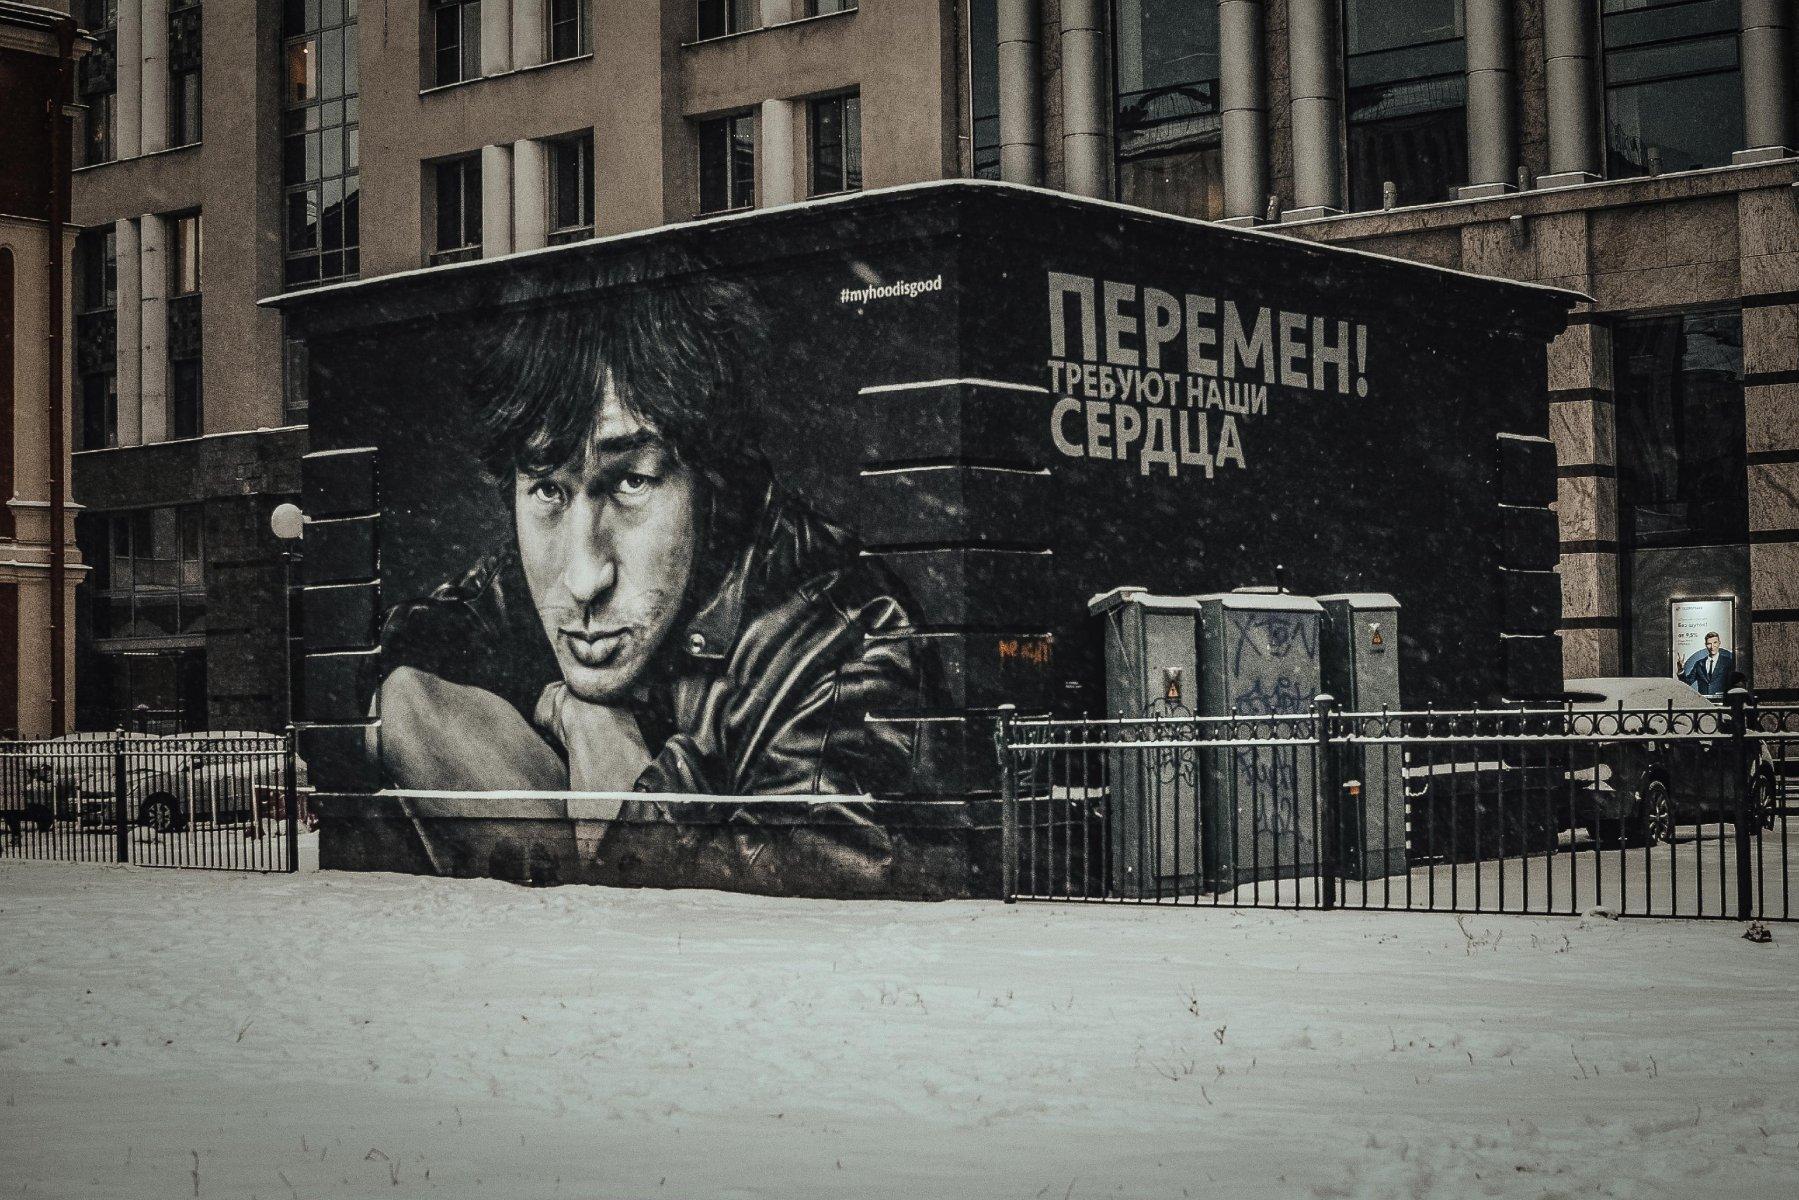 位于圣彼得堡的维克托·崔喷绘